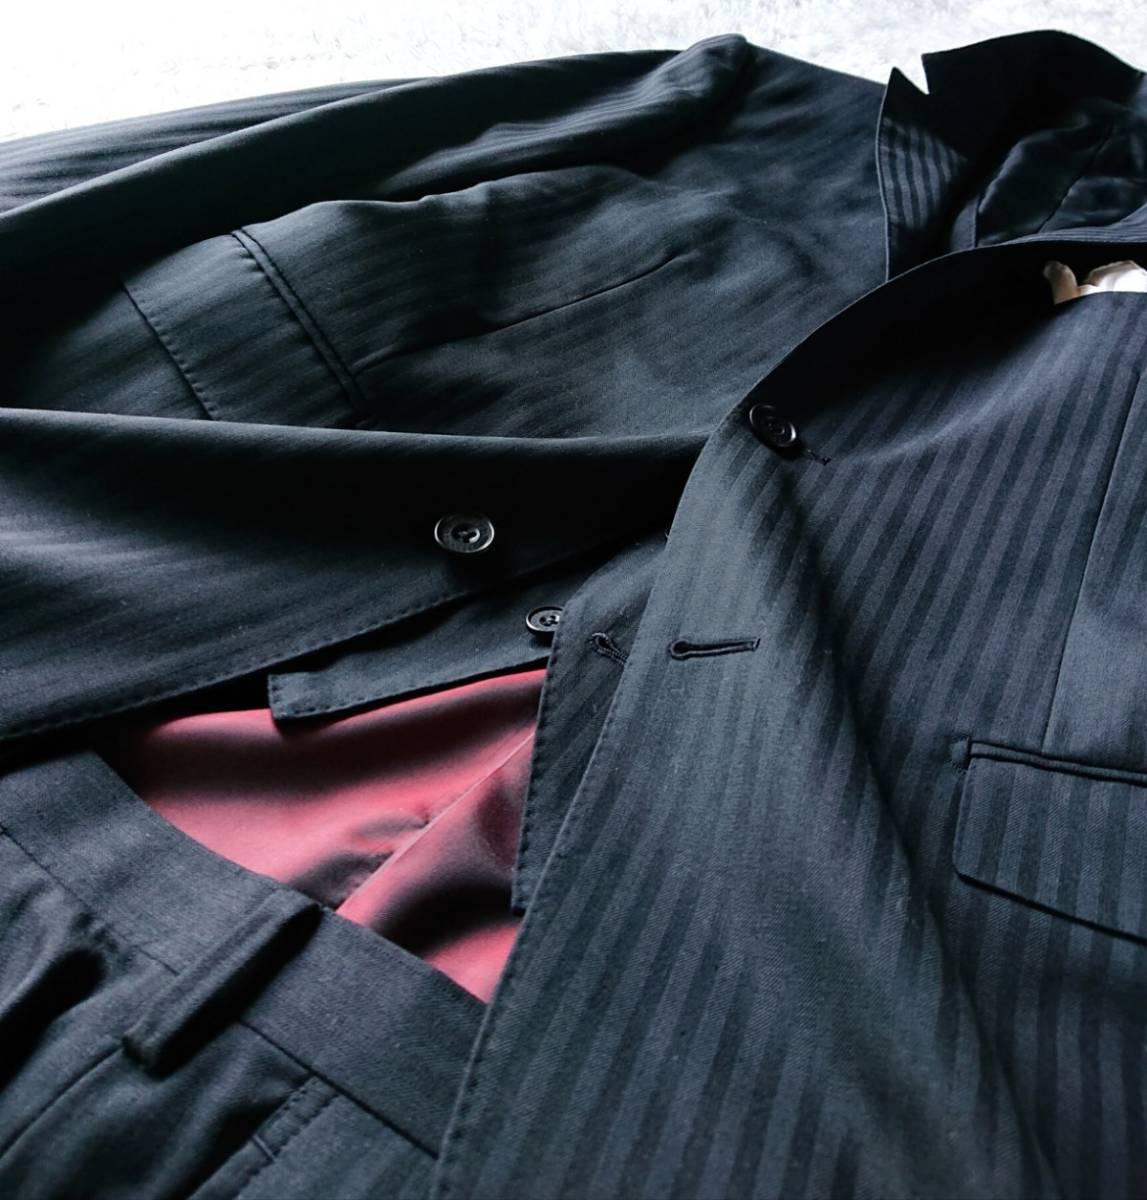 激レア希少 大人気赤 BURBERRY BLACK LABEL ★ シルク混 スリーピース バーバリー ブラック レーベル スーツ セットアップ メンズ ブラック_画像4